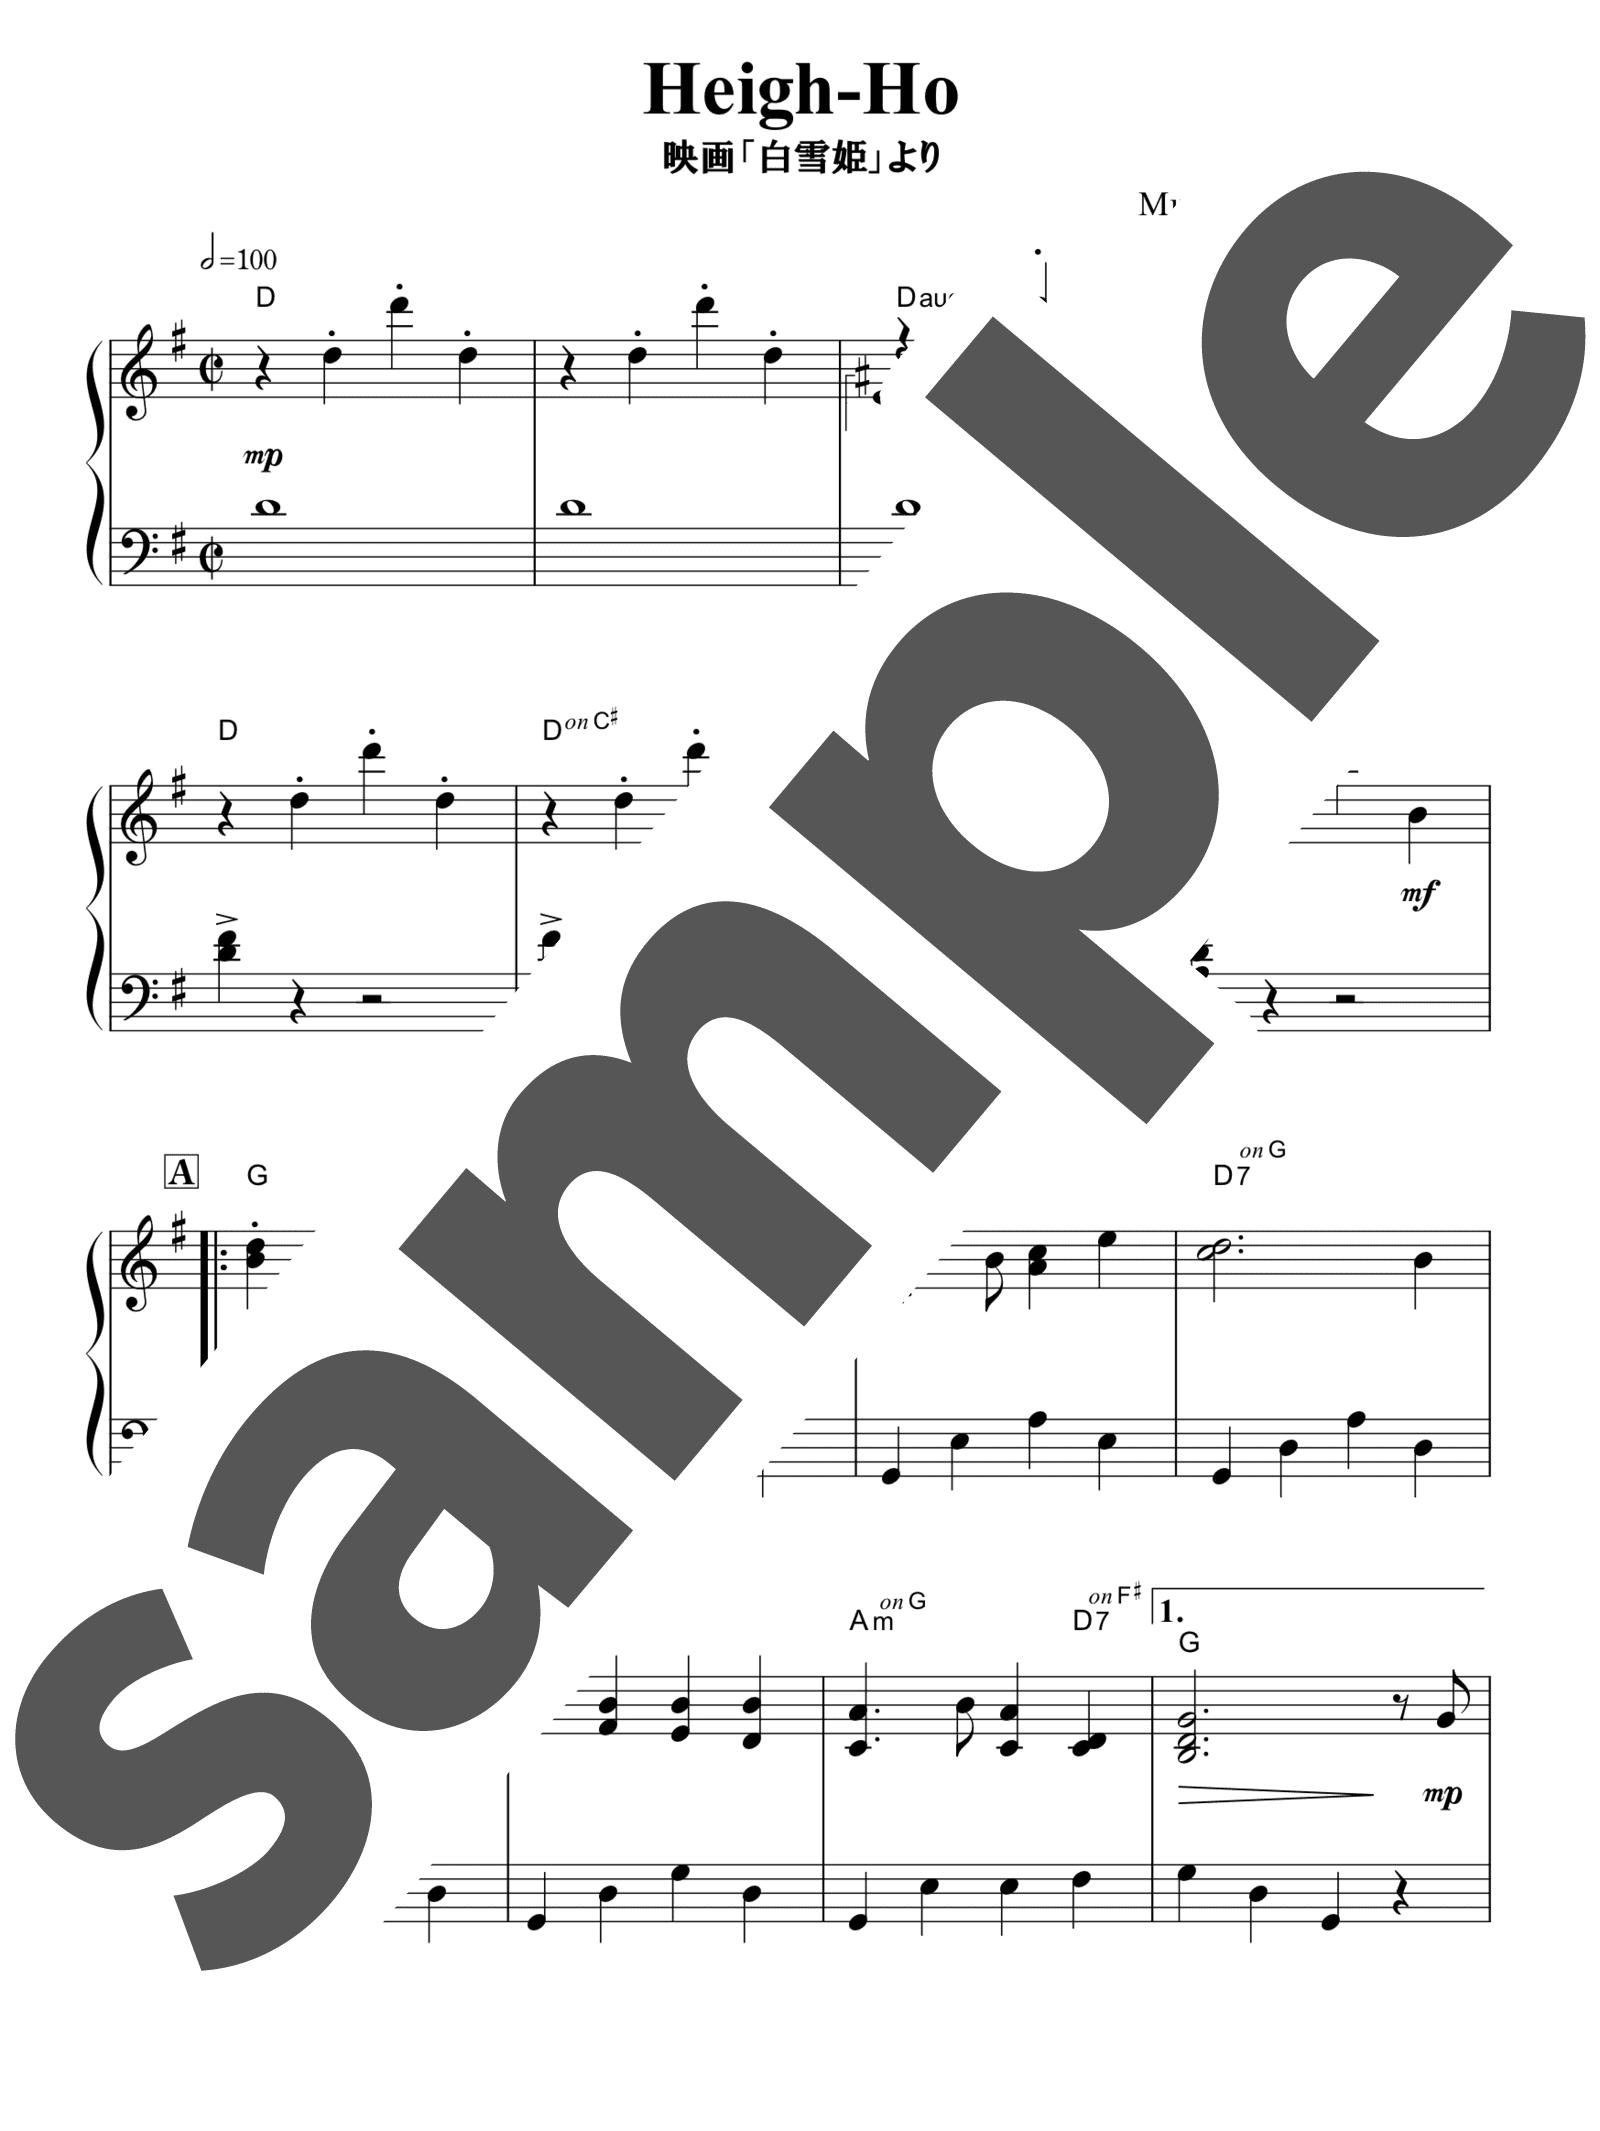 「Heigh-Ho」のサンプル楽譜